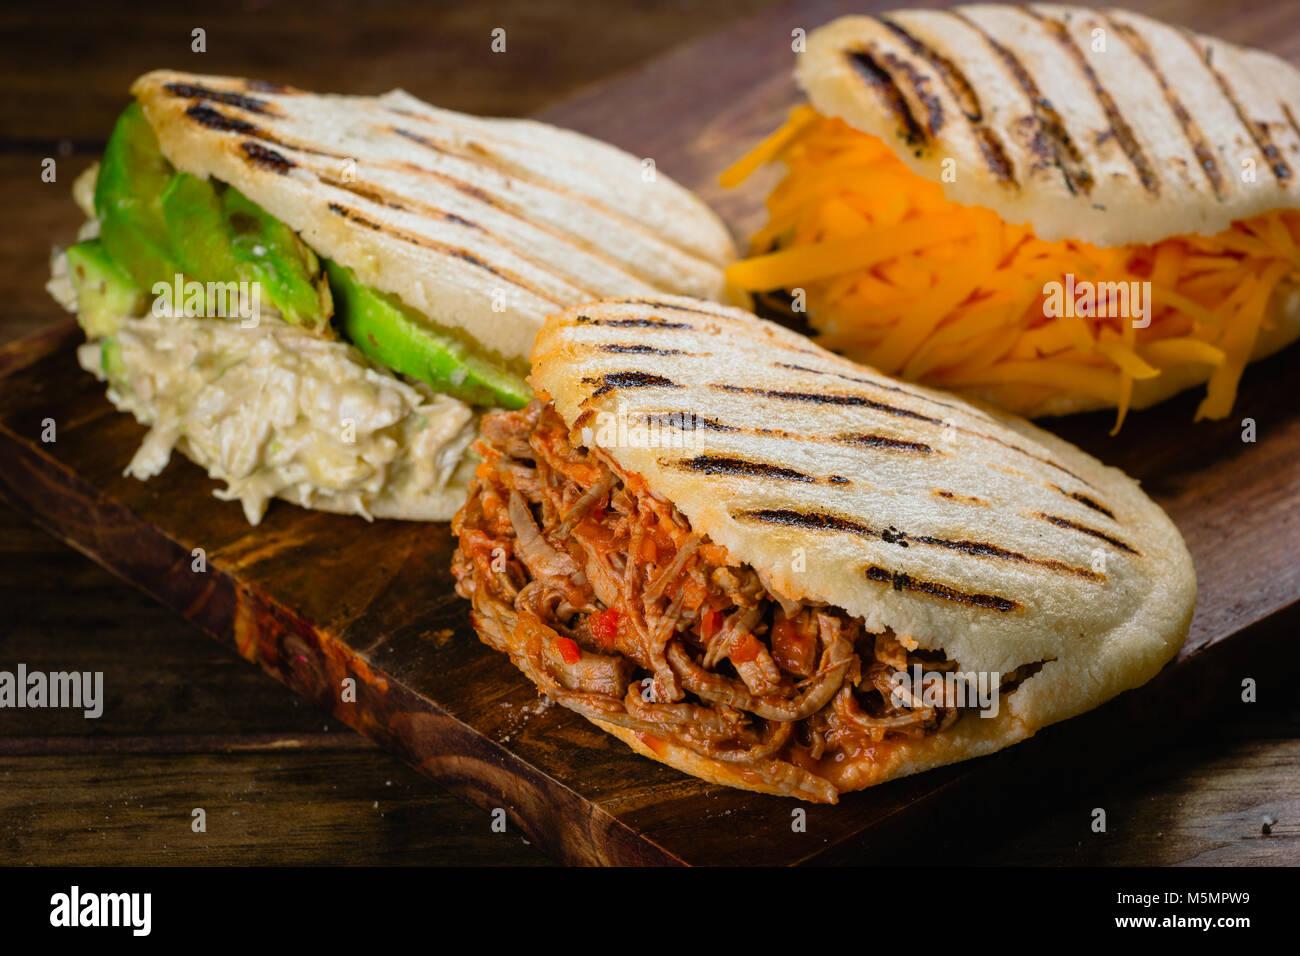 Diversi tipi di arepas il tipico cibo venezuelano foto immagine stock 175633957 alamy - Diversi tipi di pane ...